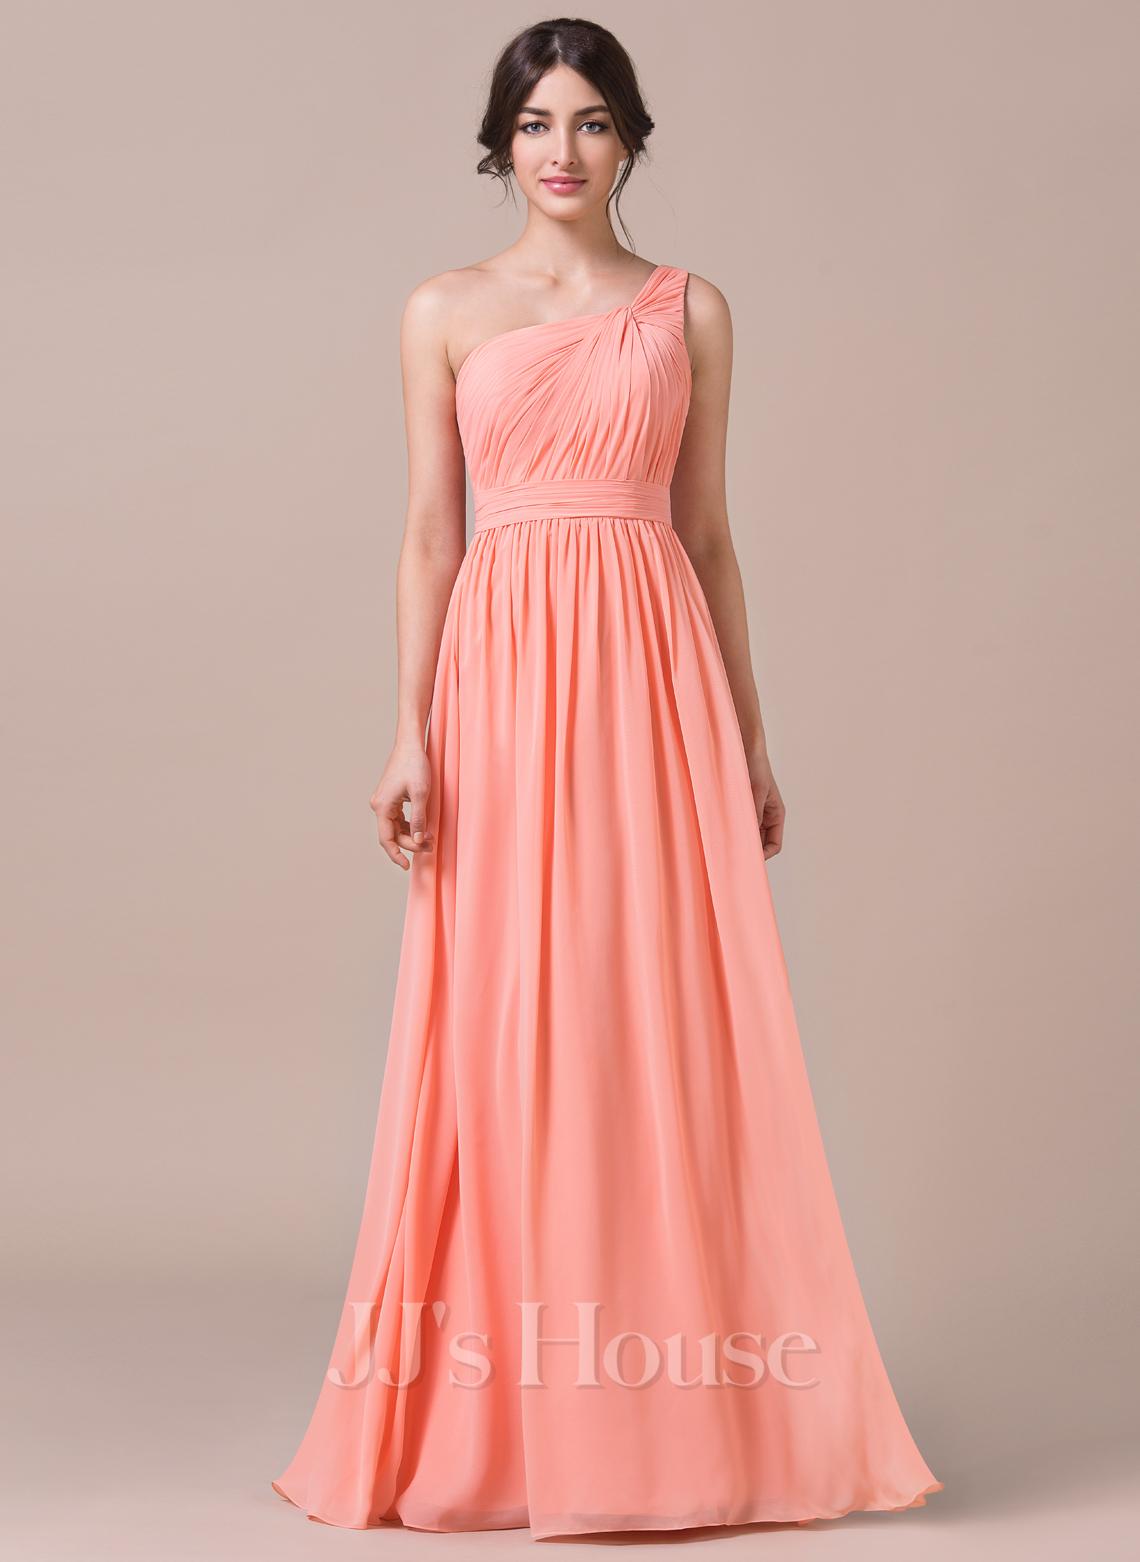 A line princess one shoulder floor length chiffon for Www jjshouse com wedding dresses